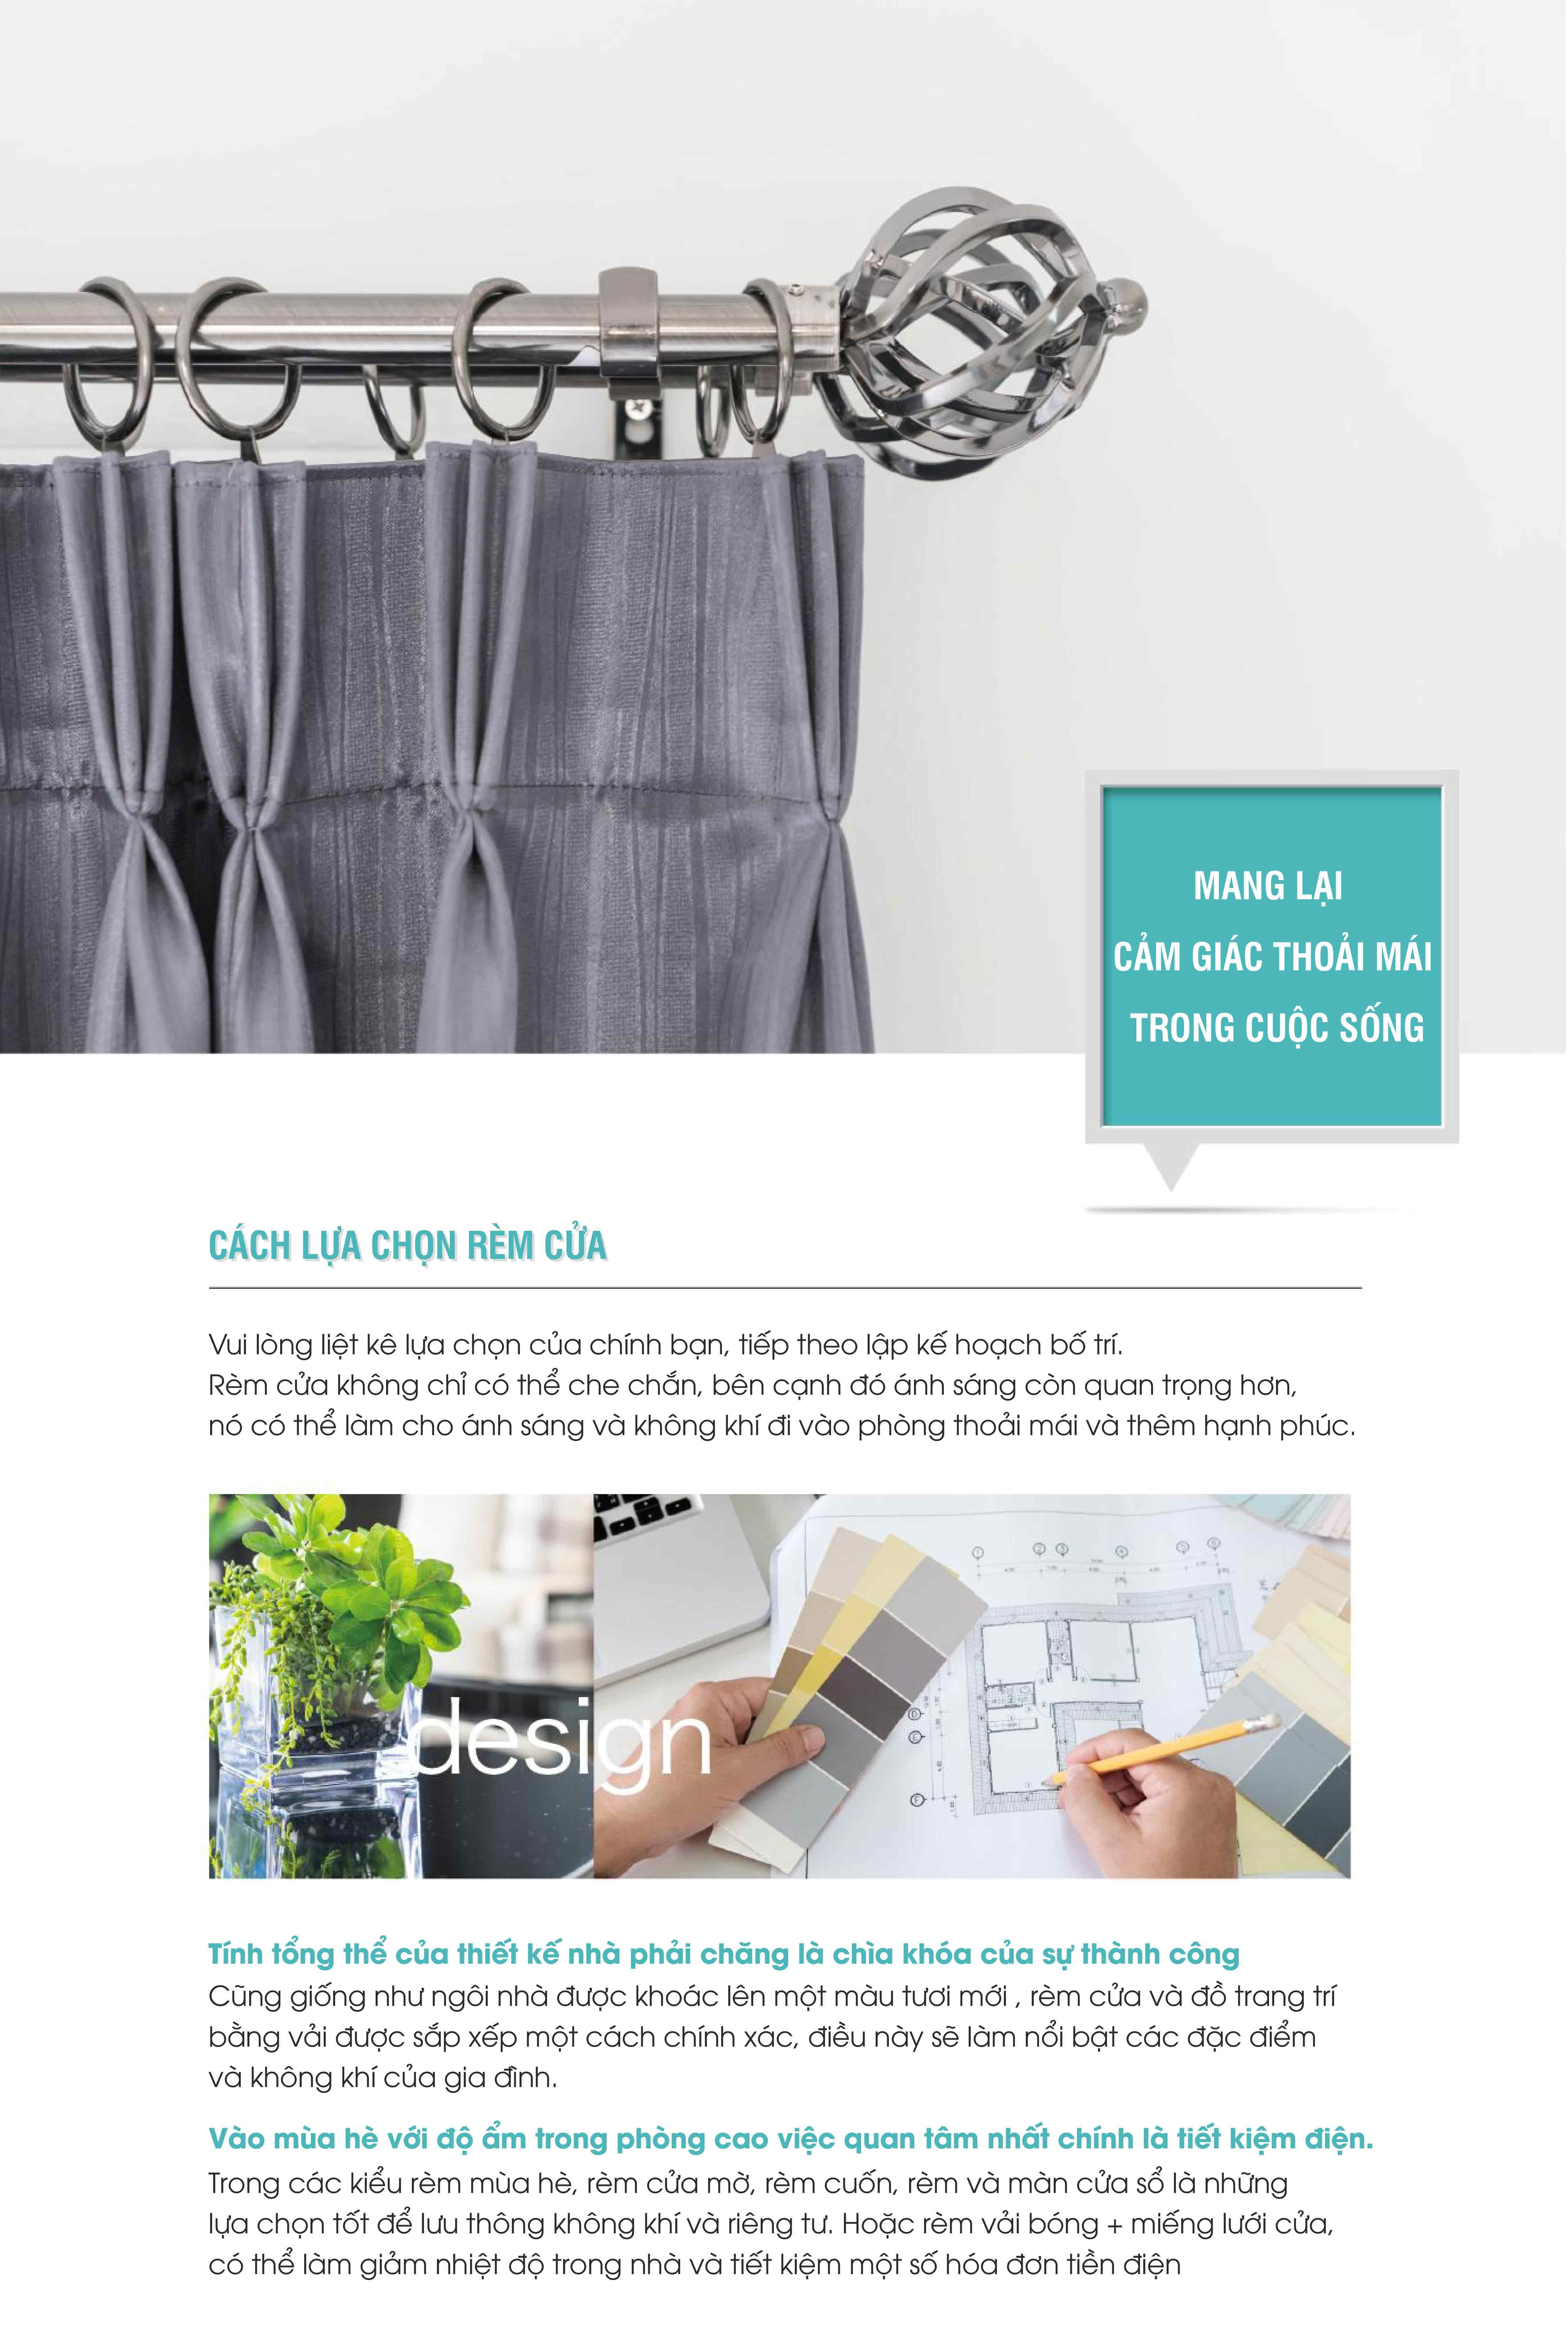 P1 FINAL1 - Cách chọn rèm